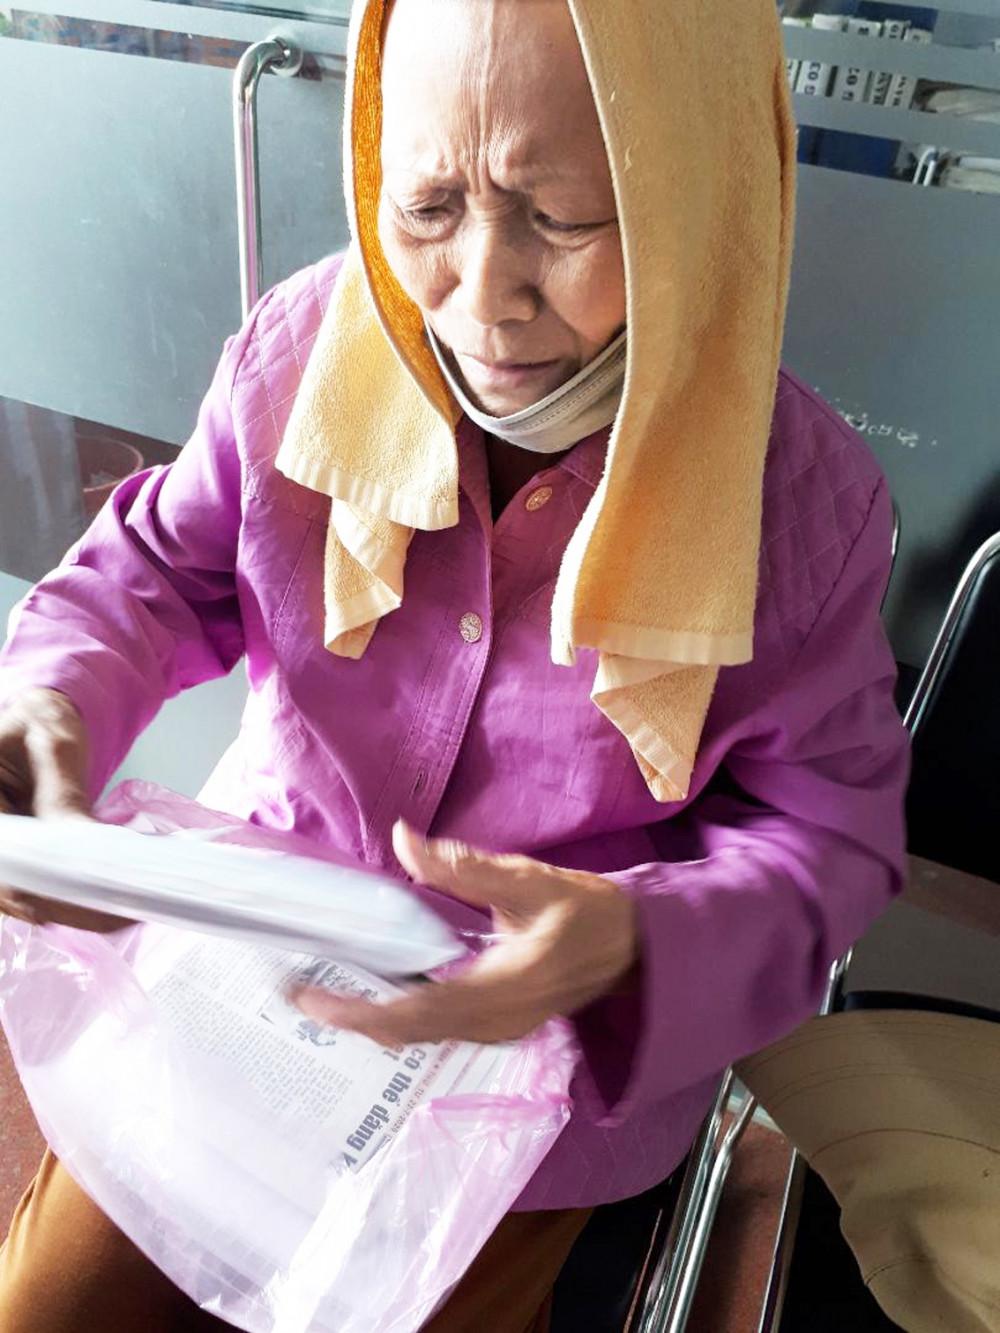 Sau khi xuất viện, bà Siêng không còn tiền đón xe về quê